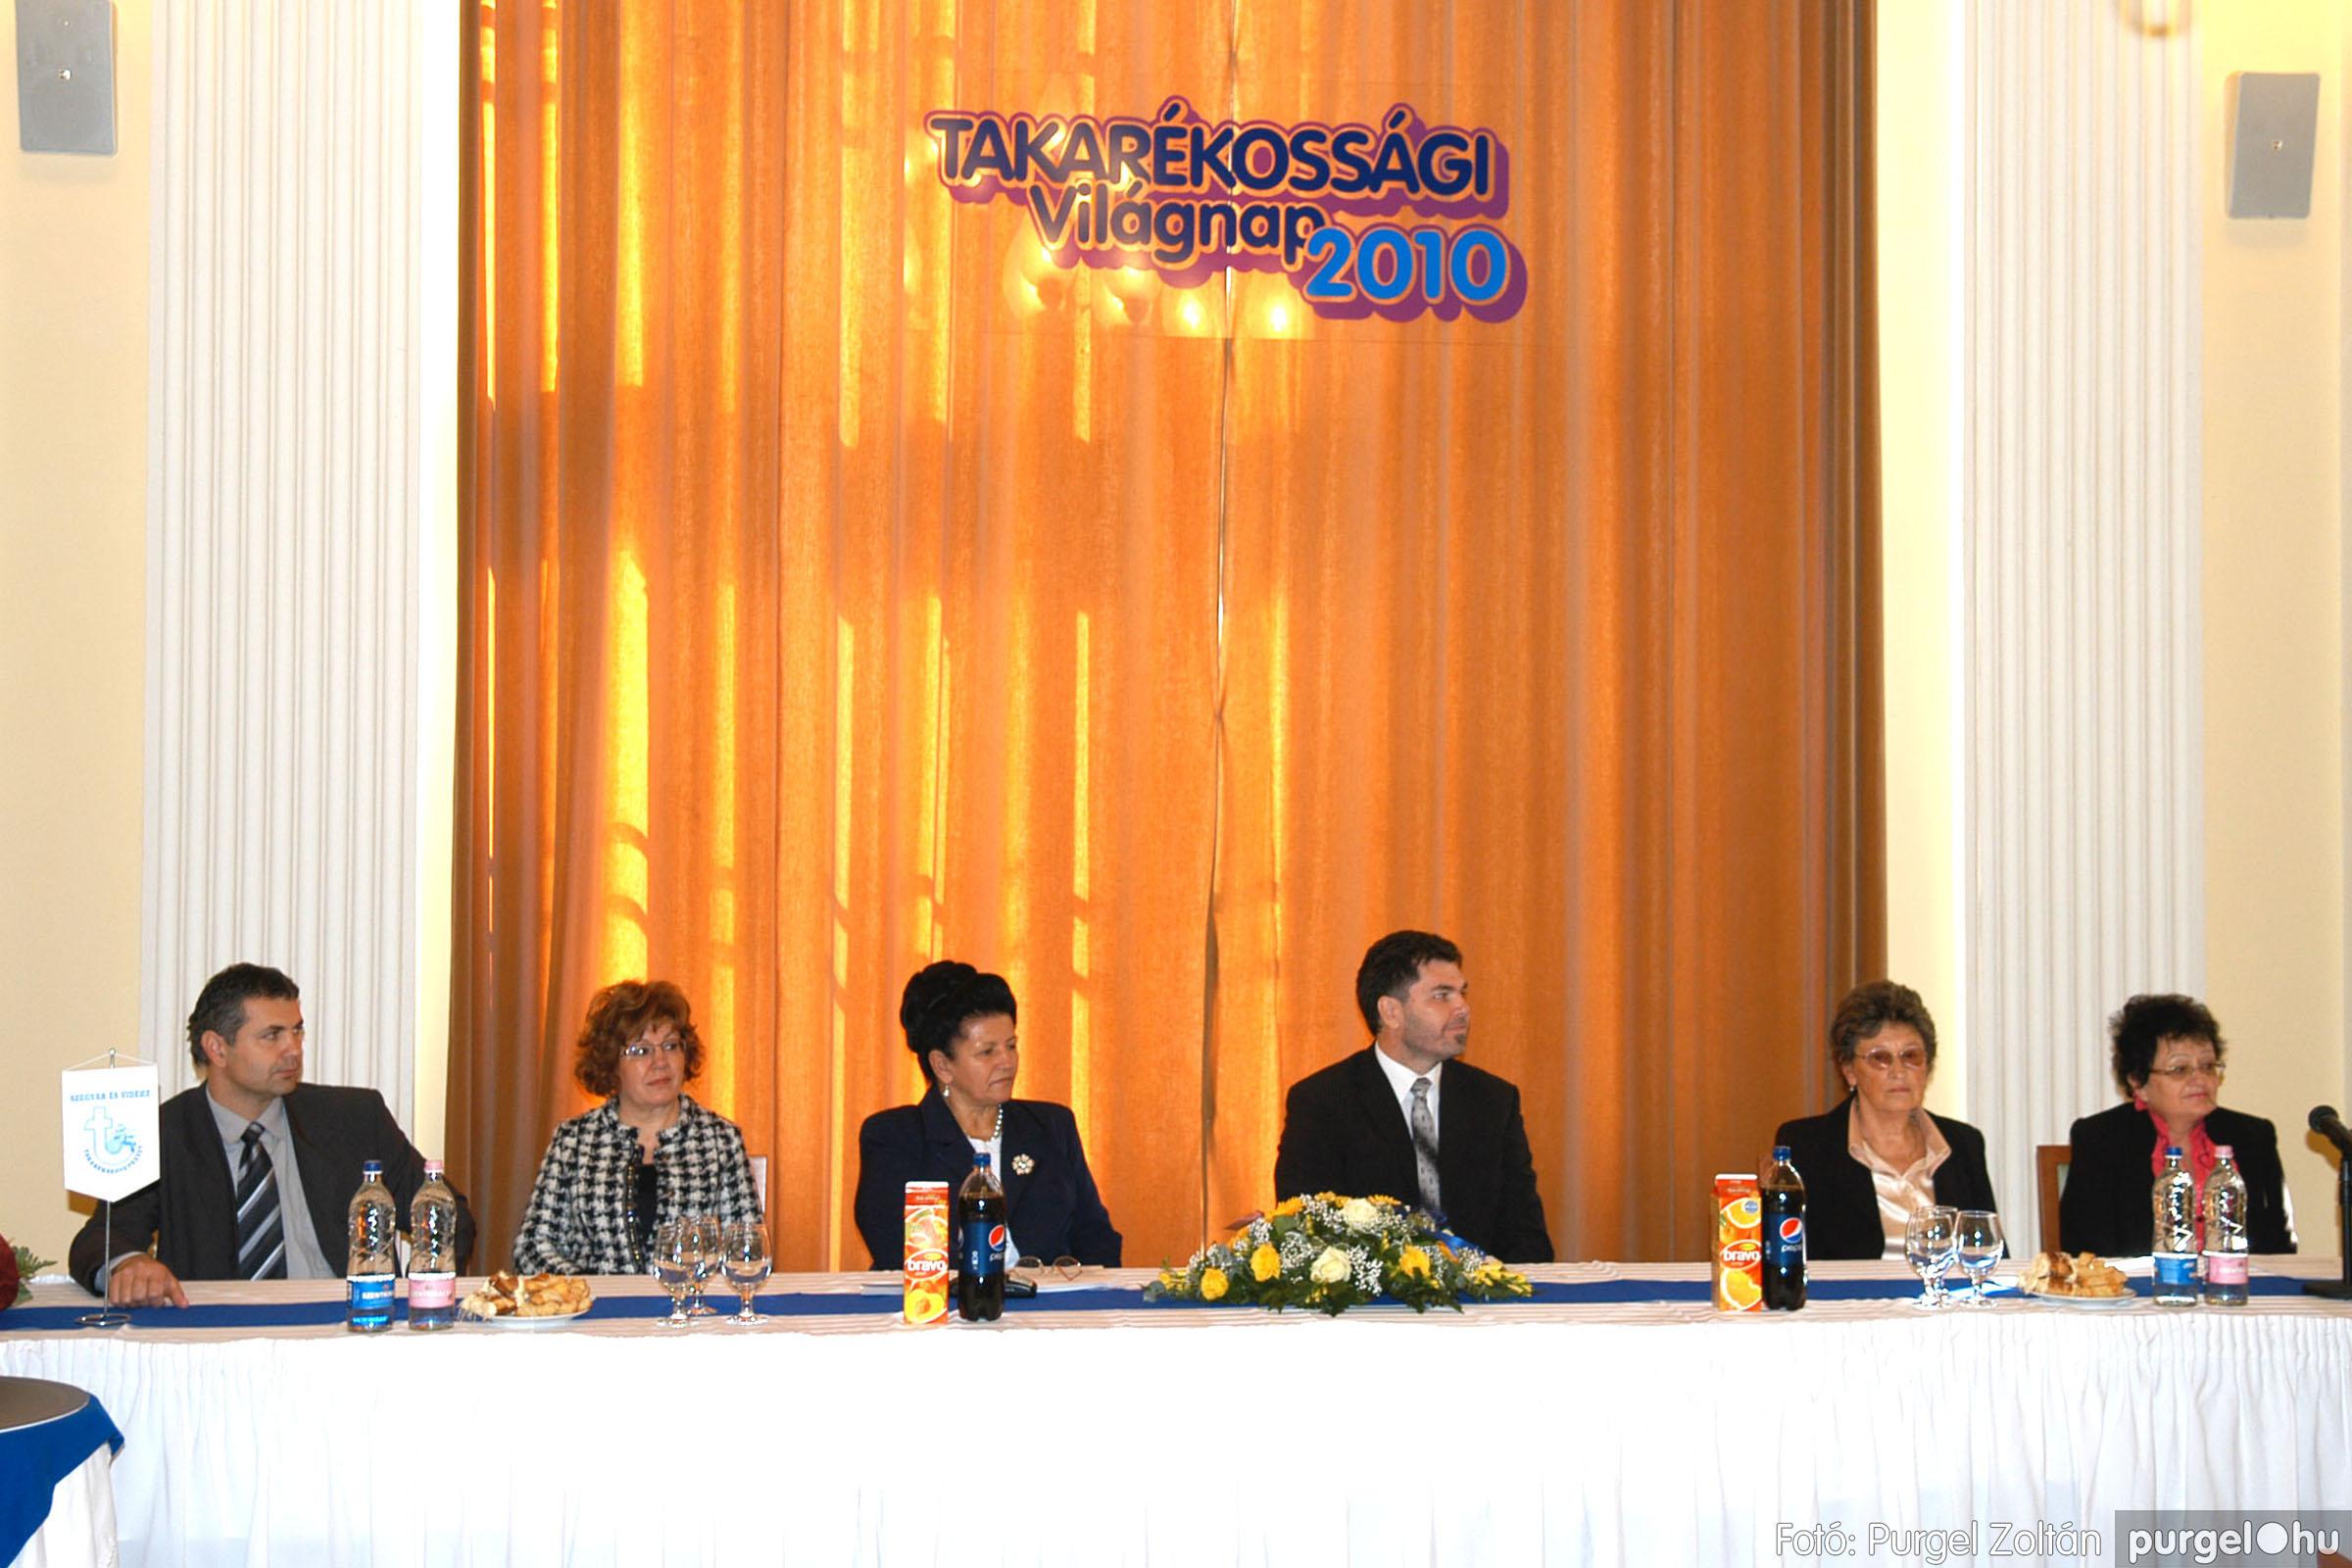 2010.10.28. 010 Szegvár és Vidéke Takarékszövetkezet takarékossági világnap rendezvény - Fotó:P. Z..jpg